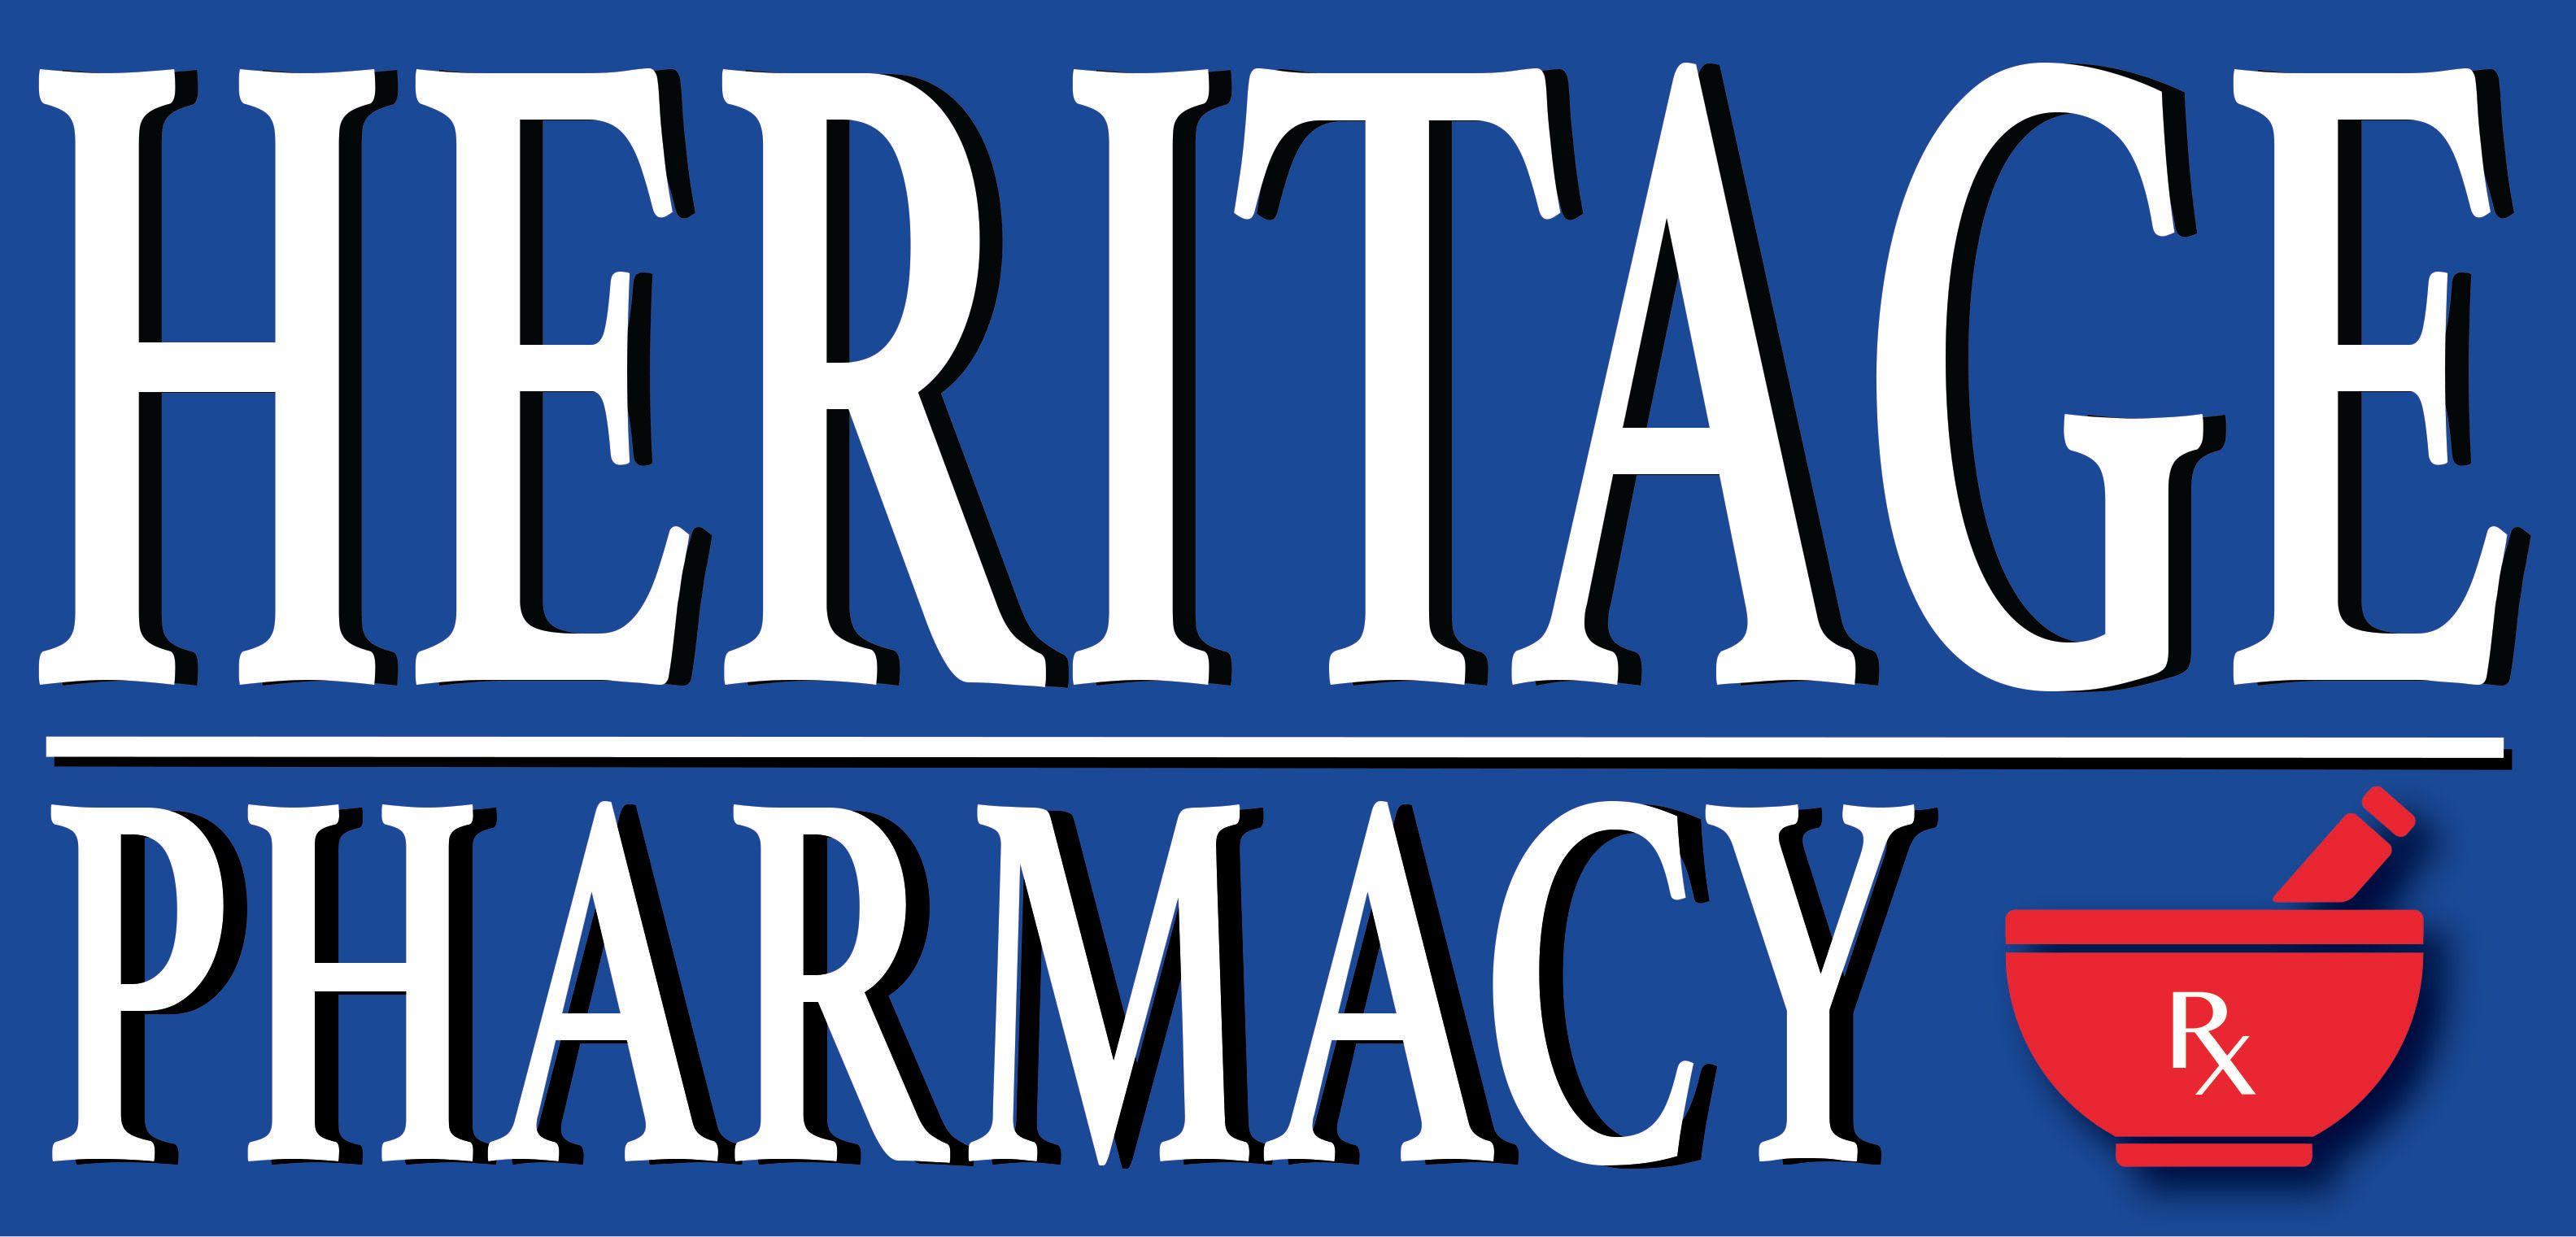 Heritage Pharmacy - Oklahoma